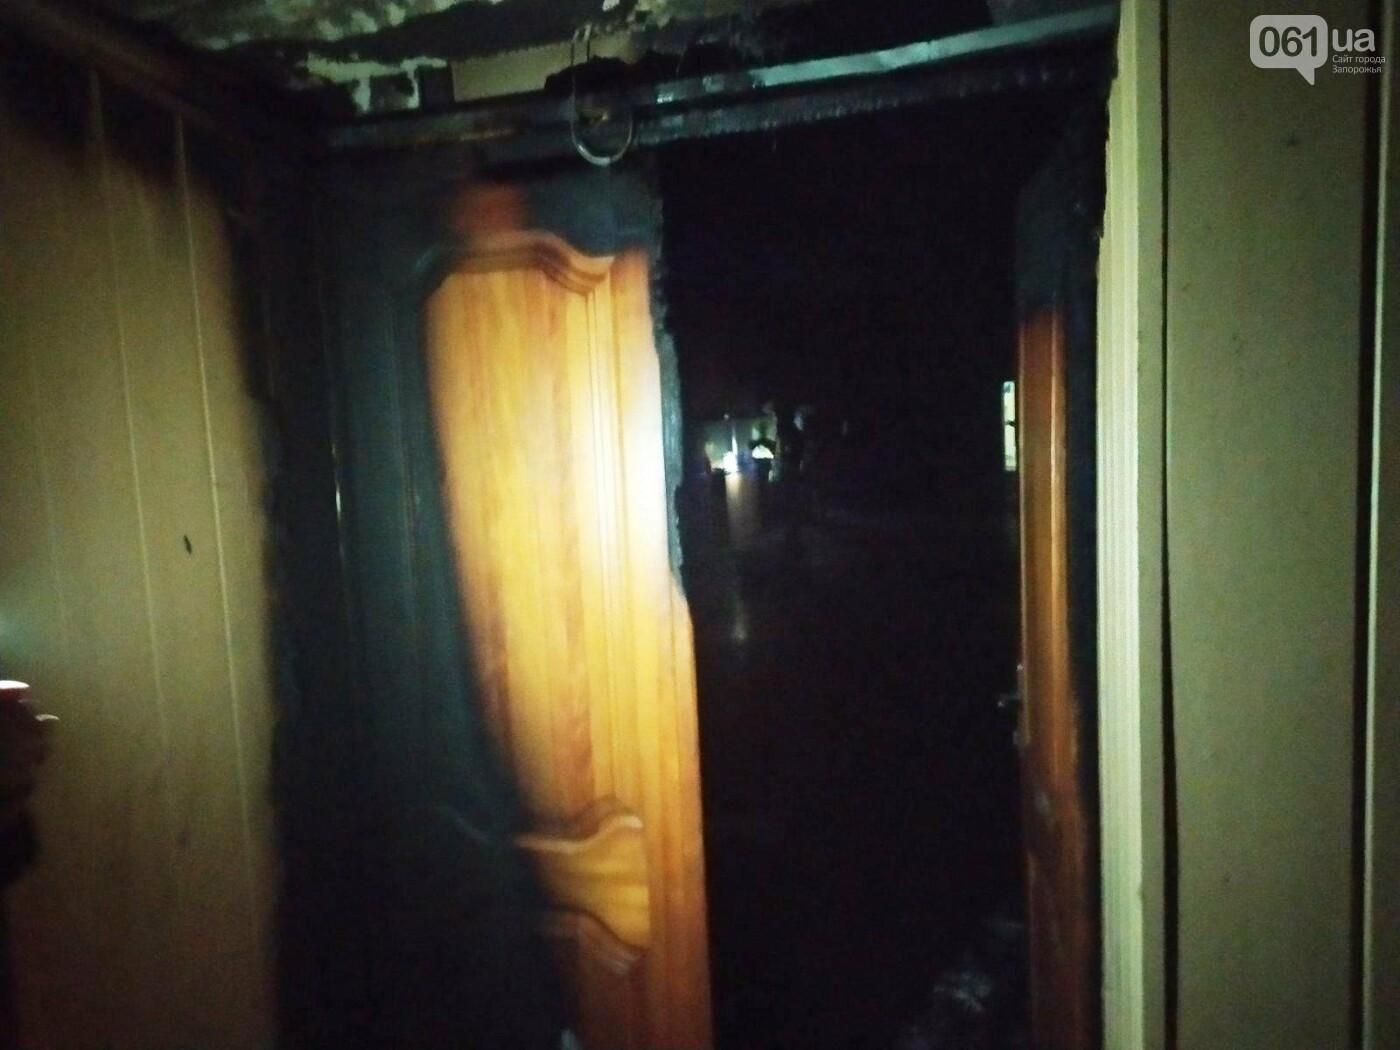 В Запорожье в ДК «Днепроспецсталь» горел выставочный зал: погибли несколько питомцев, - ФОТО, фото-1